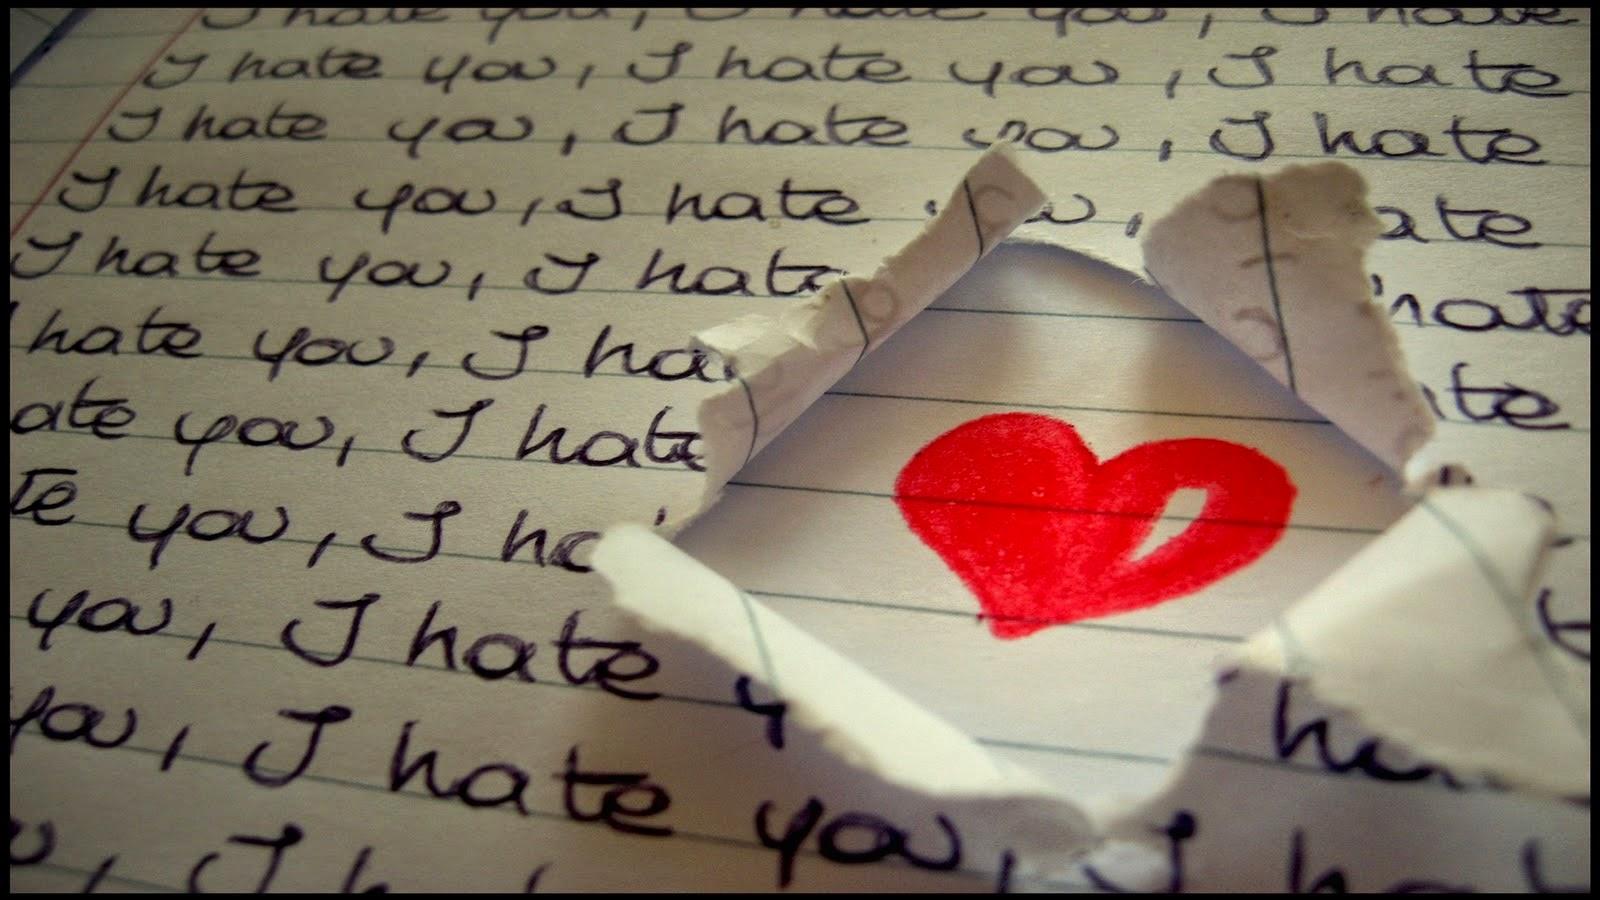 Carteles de amor frases mensajes y textos romanticos para ver y descargar imagenes